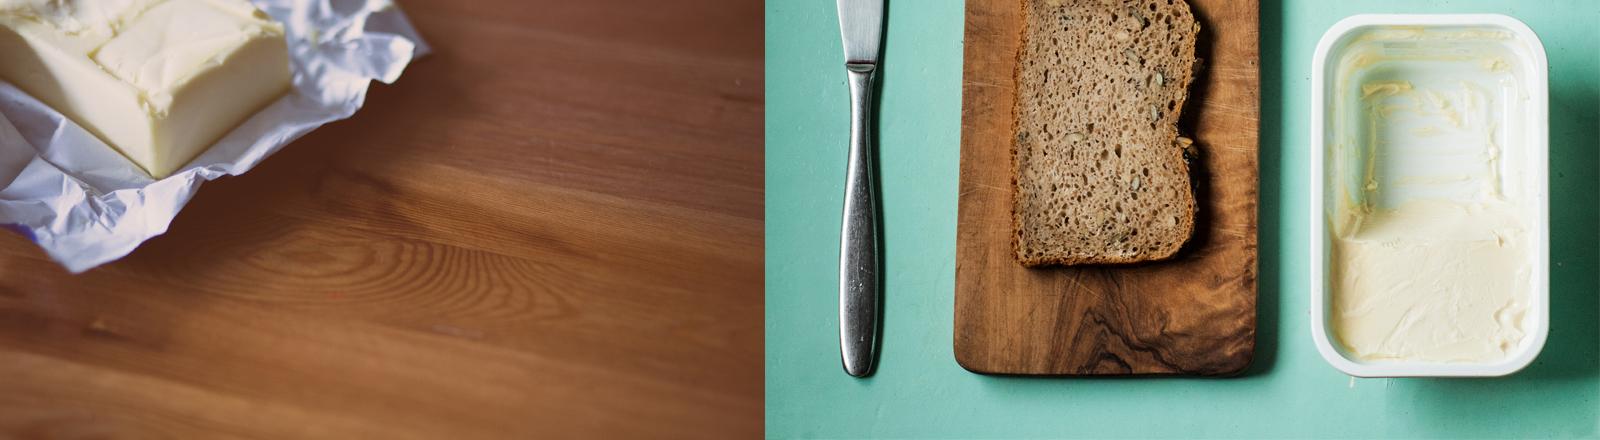 Ein Stück Butter und ein Brettchen mit einer Scheibe Brot, einem Messer und einer Packung Margarine.